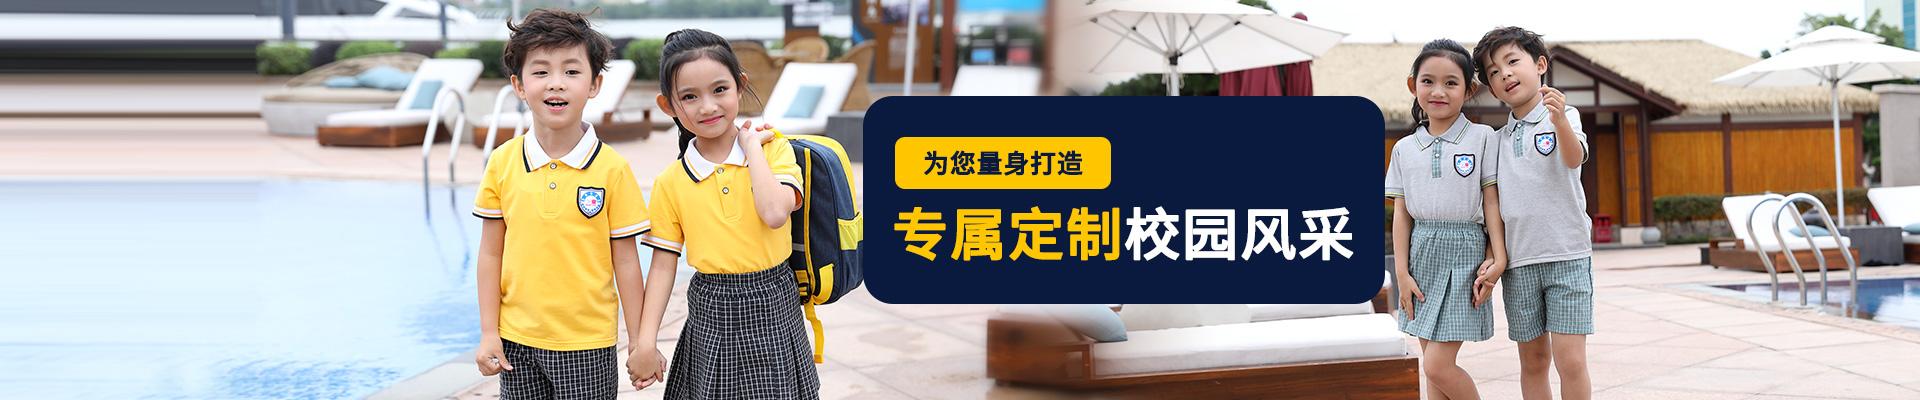 美惠宝-为您量身打造专属定制校园风采